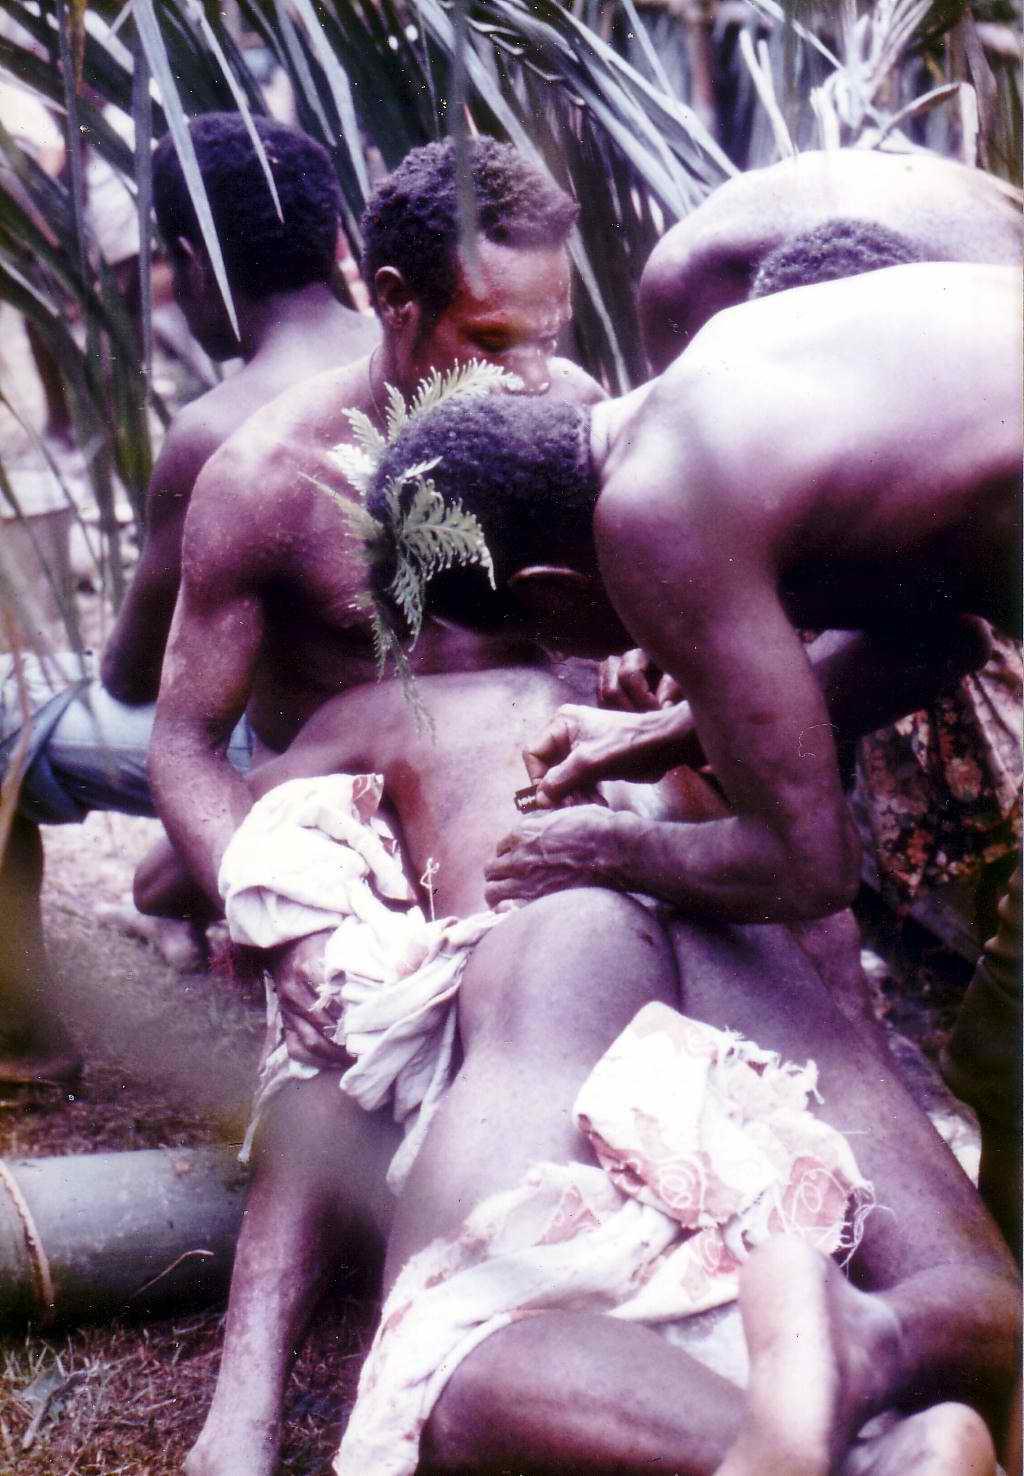 seksualnie-izvrasheniya-plemen